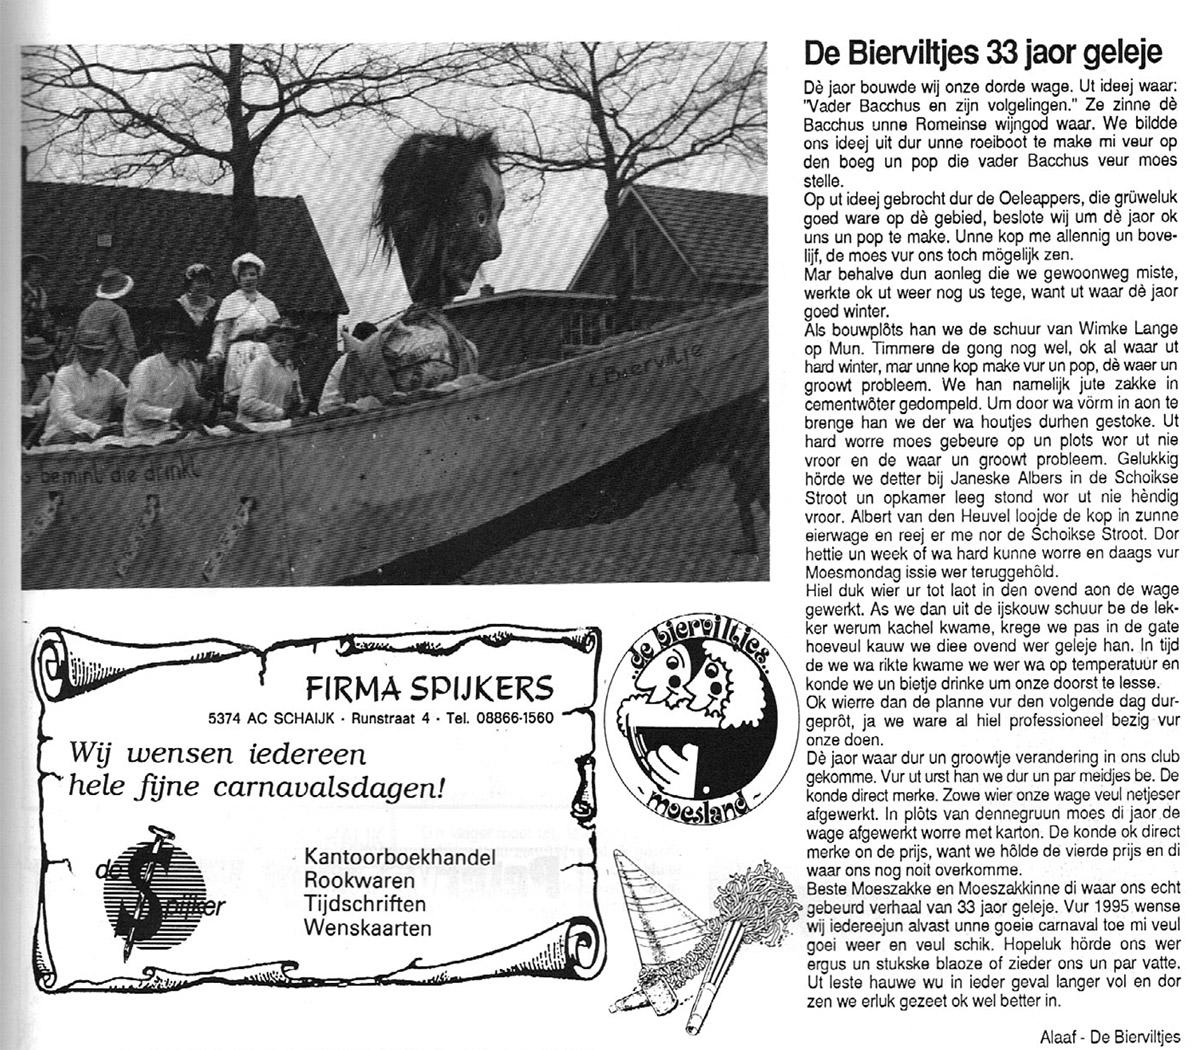 Stuk uit de carnavalskrant van de Bierviltjes - 1995